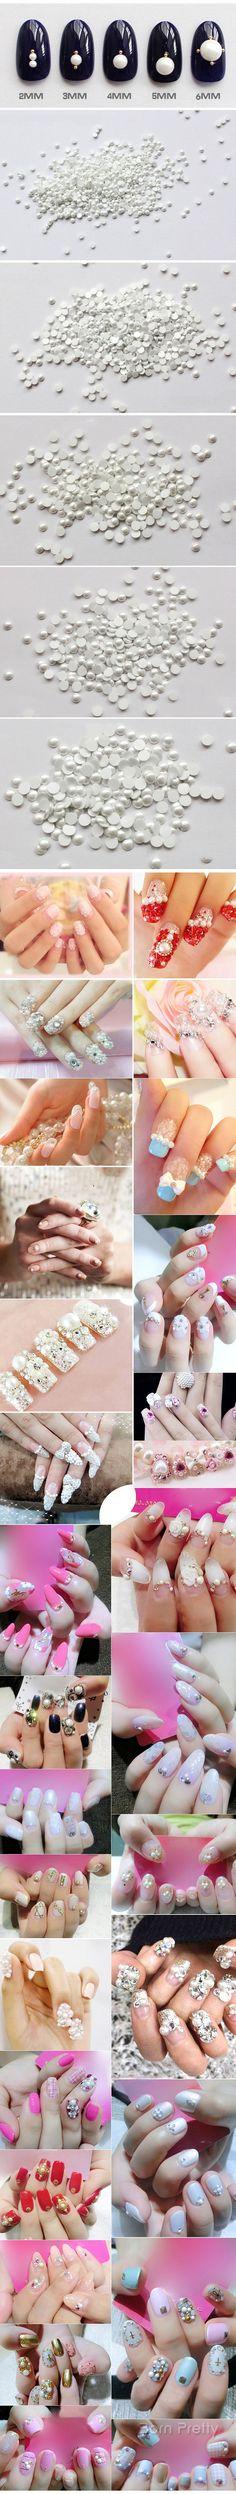 $2.41 10Pcs/set White Pearl Flat Back Nail Studs Charming 3D Nail Art Decoration - BornPrettyStore.com